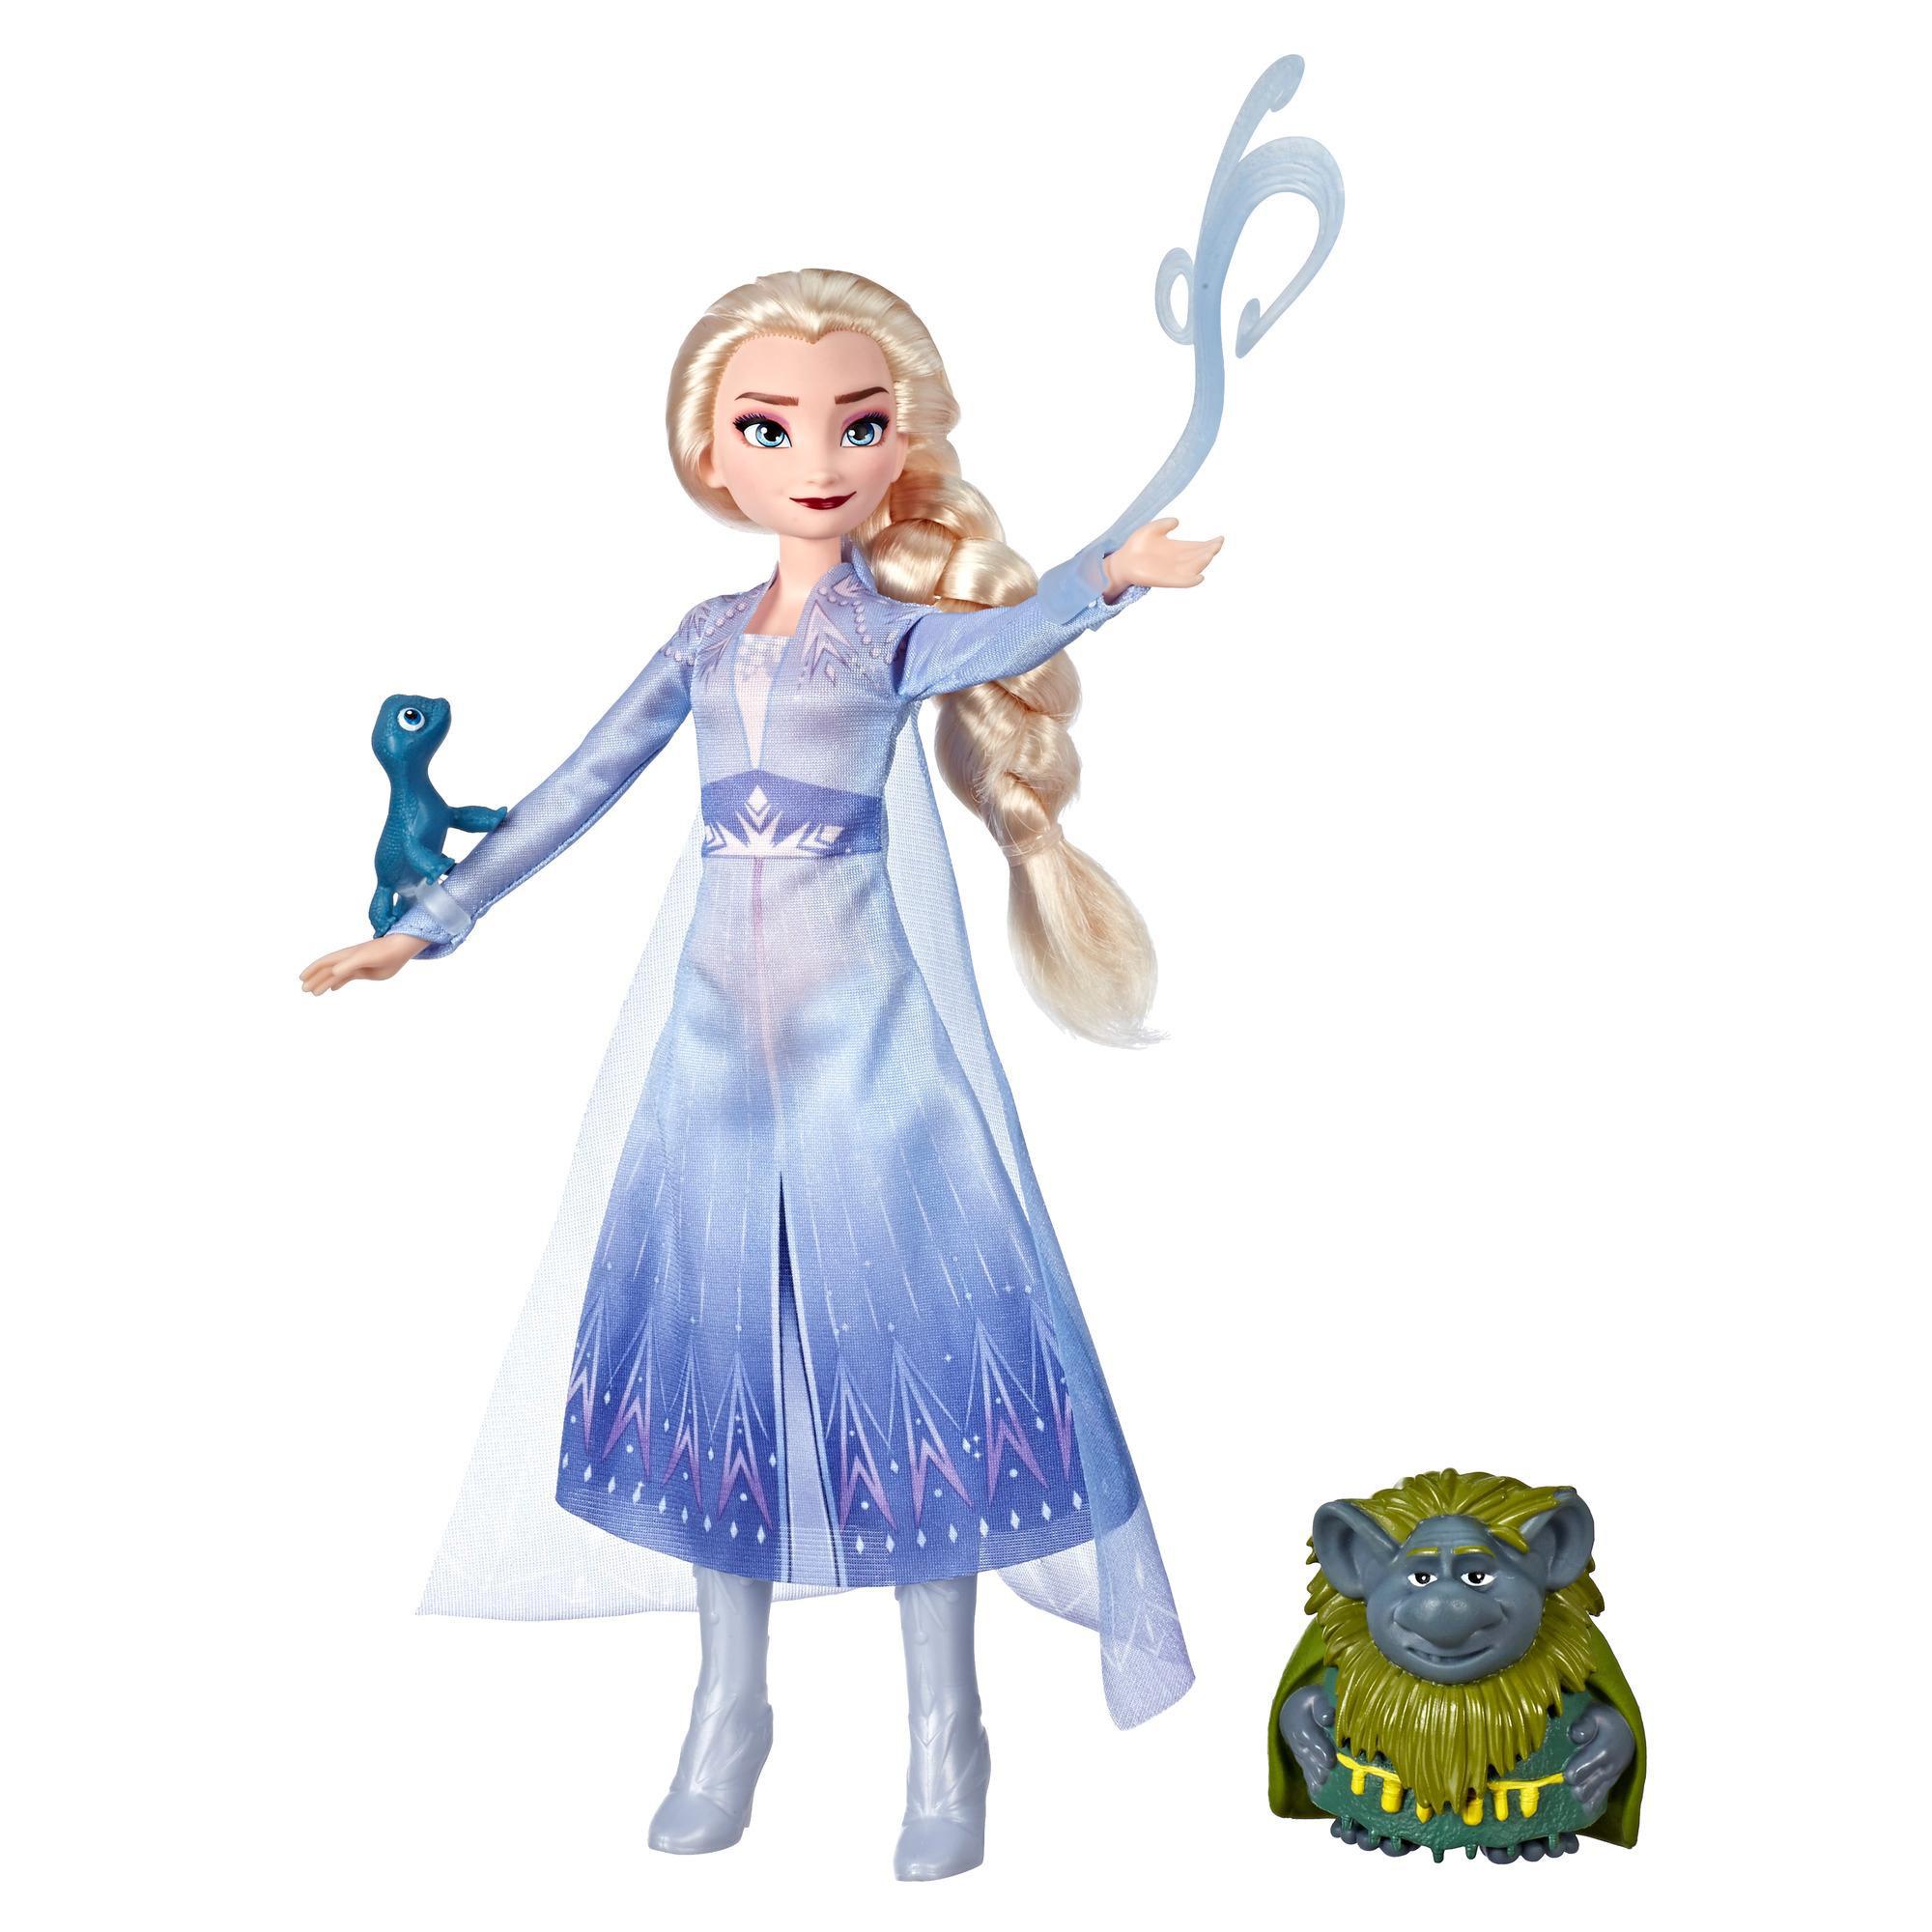 Elsa Eiskönigin Spiele Kostenlos